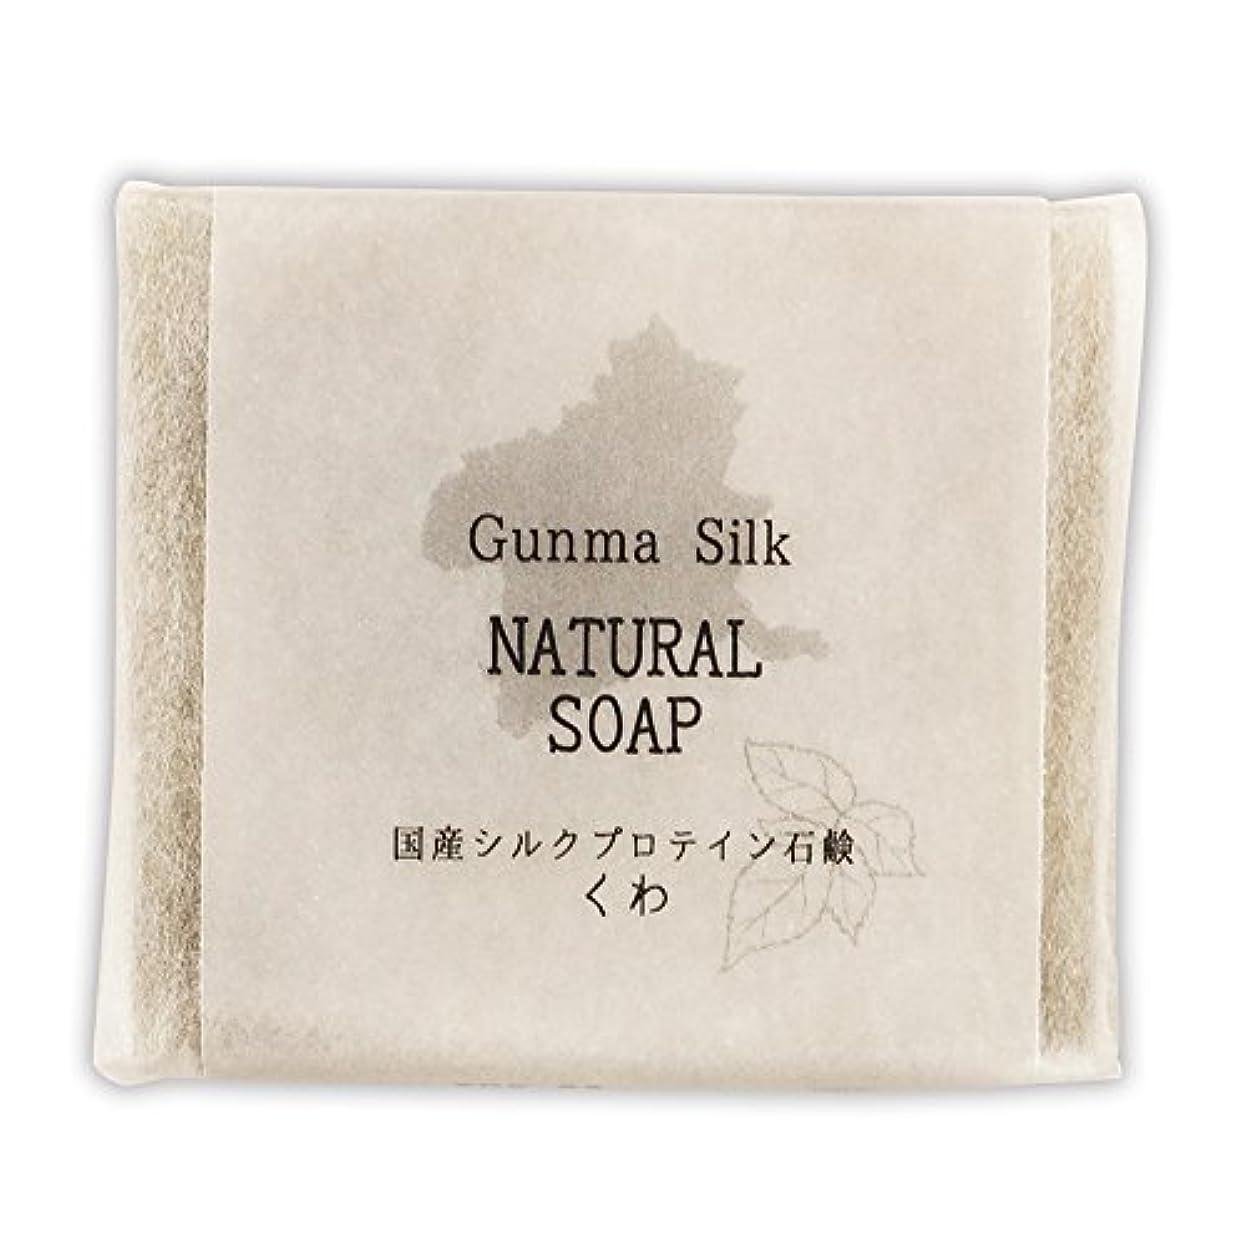 輪郭ホイストぼかしBN 国産シルクプロテイン石鹸 くわ SKS-03 (1個)